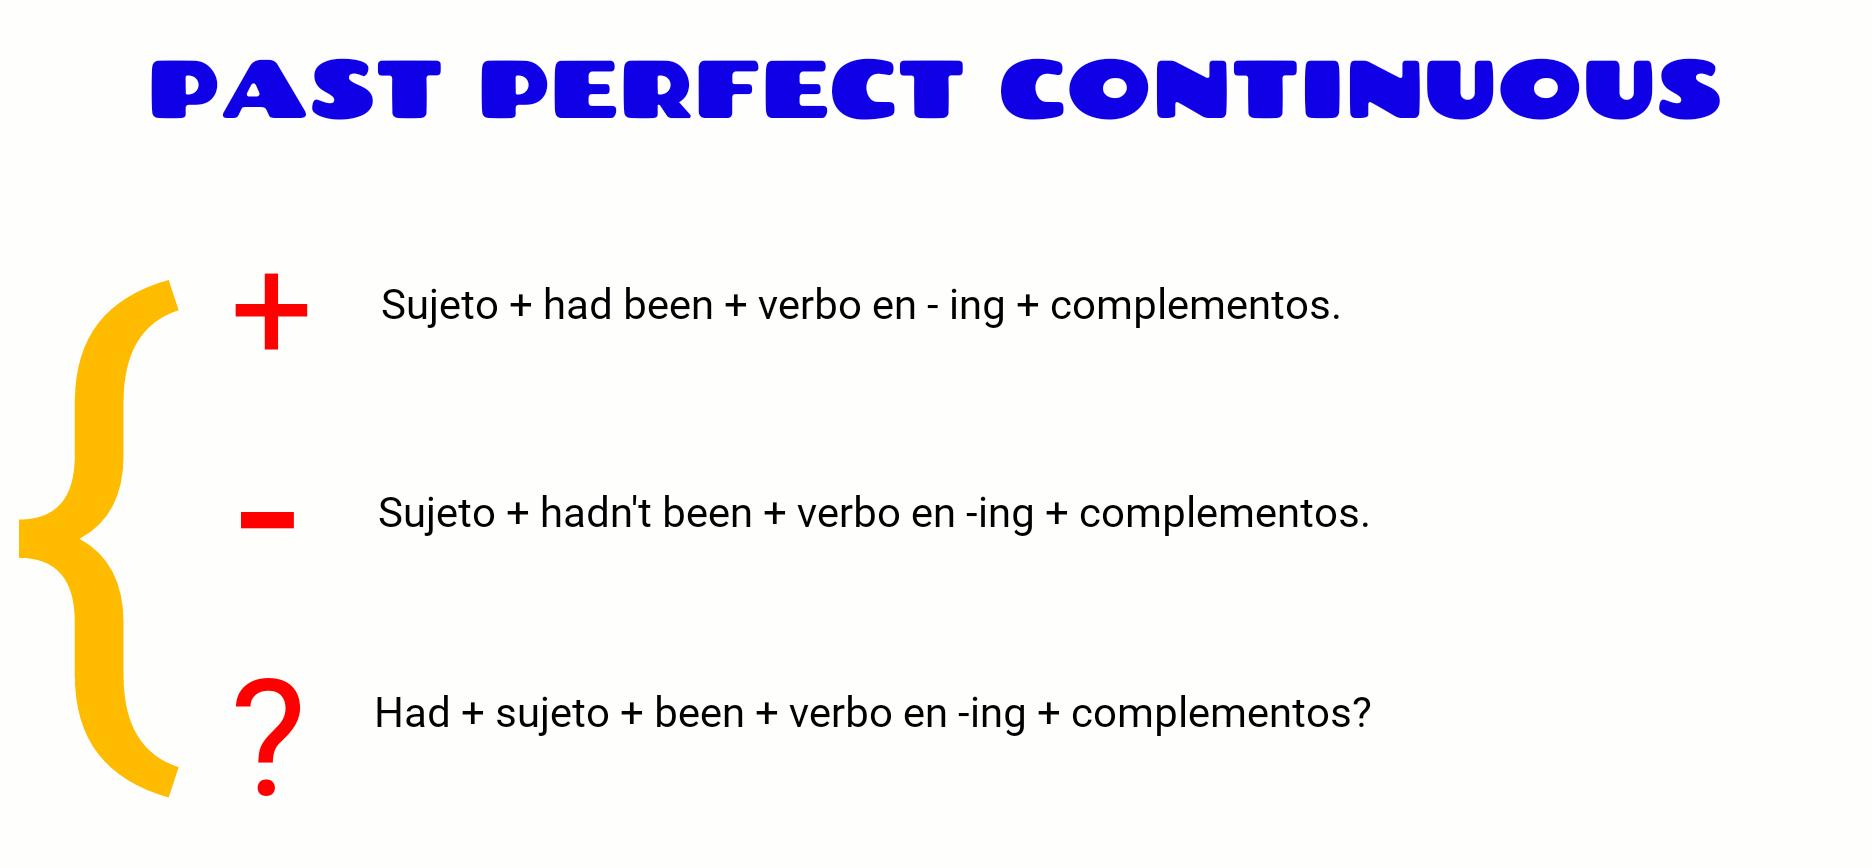 Estructura Gramatical Past Simple - 2021 idea e inspiración